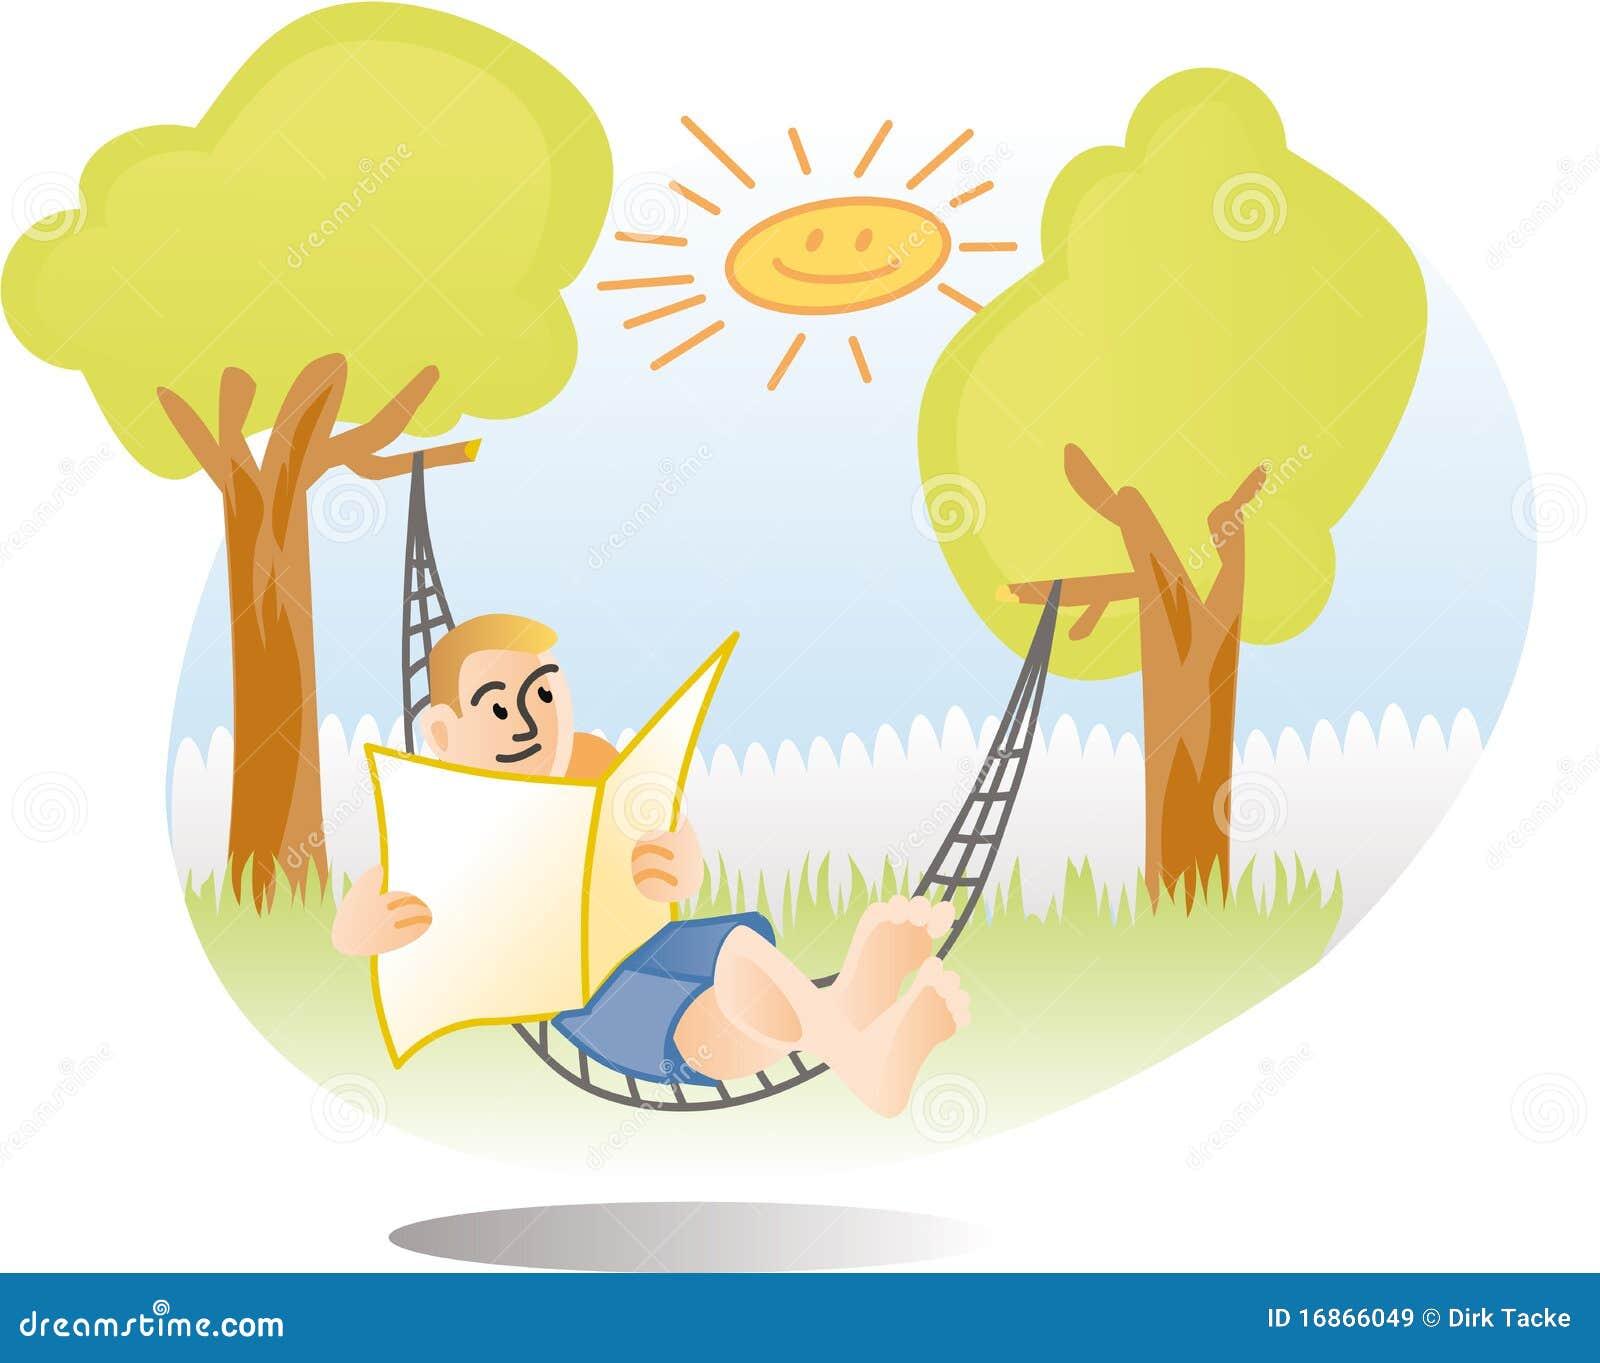 free clipart hammock cartoon - photo #46